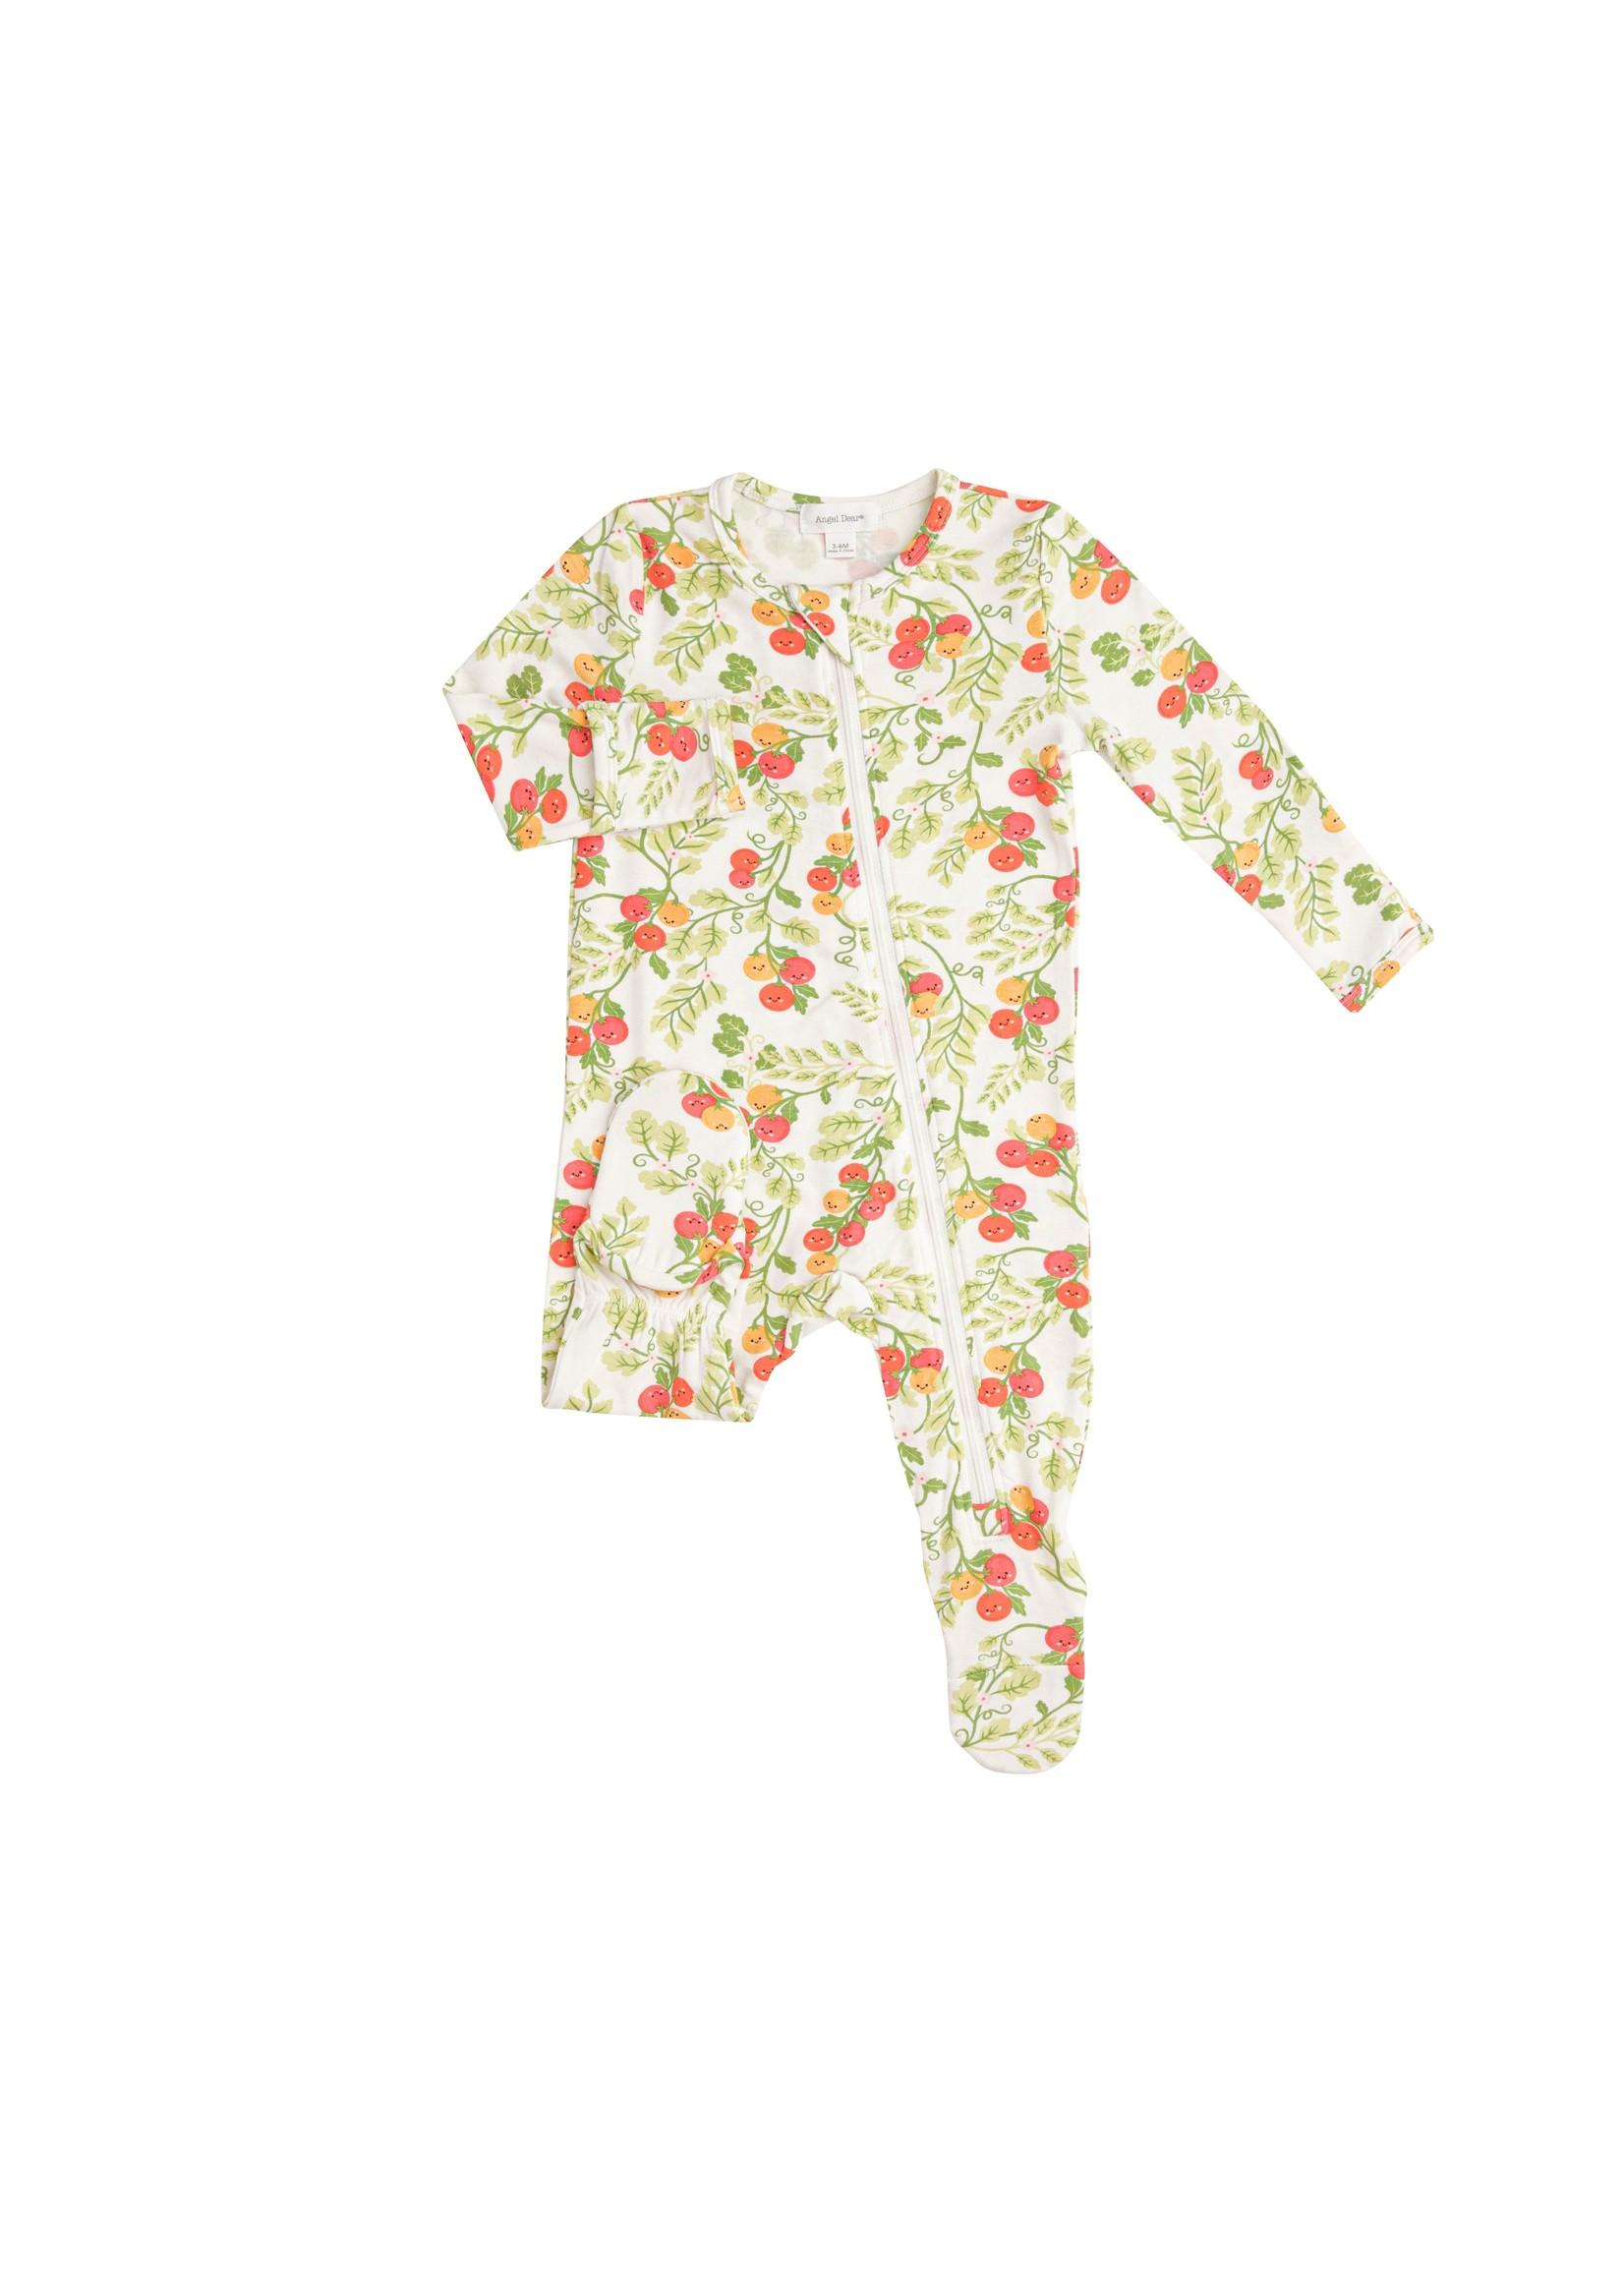 Angel Dear Baby Tomatoes Zipper Footie Green